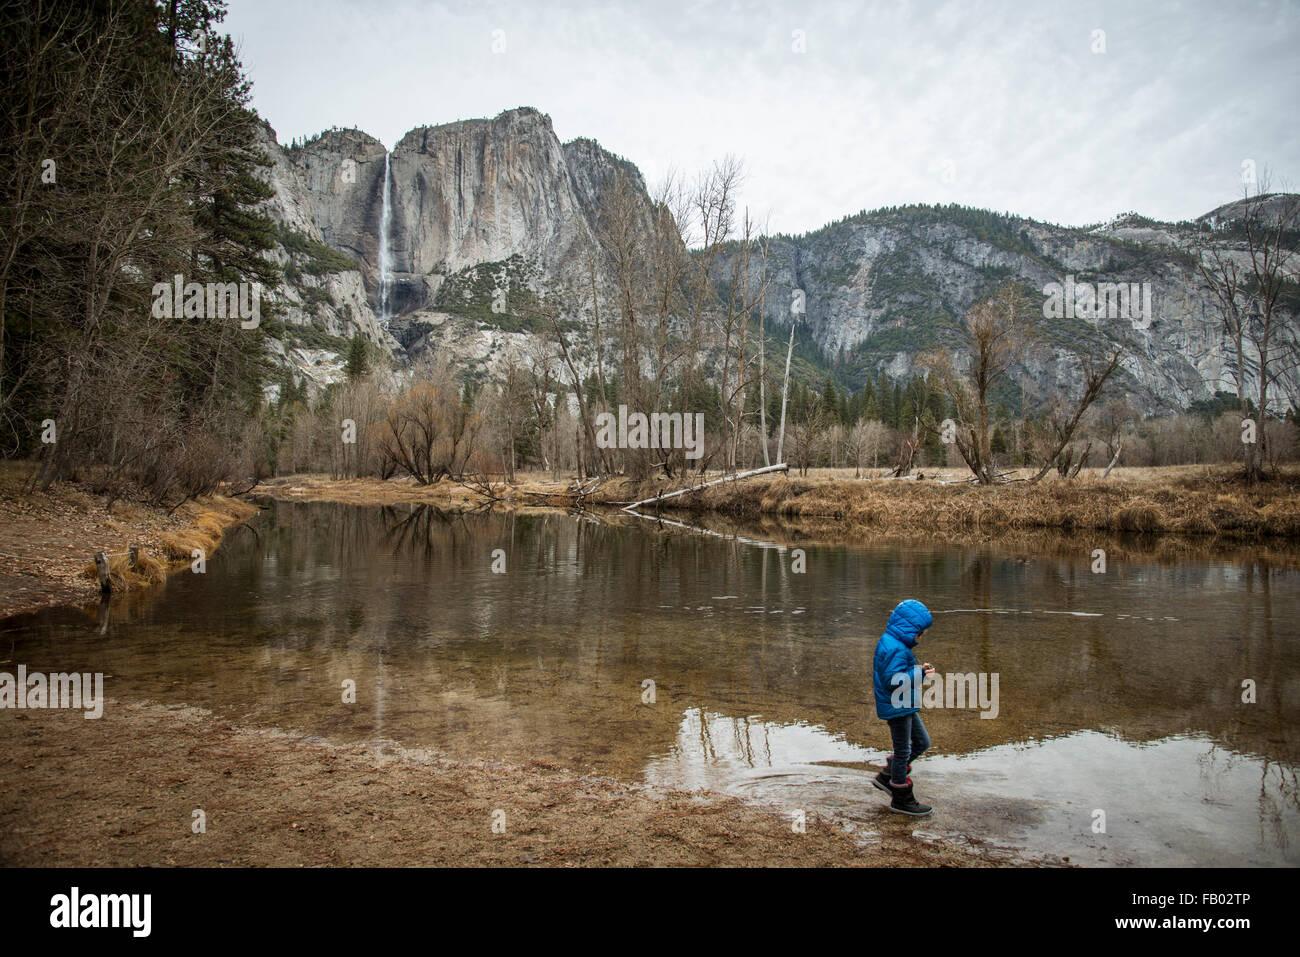 Niño caminando por el borde del río en el valle de Yosemite en otoño.Vistiendo un abrigo azul con Imagen De Stock